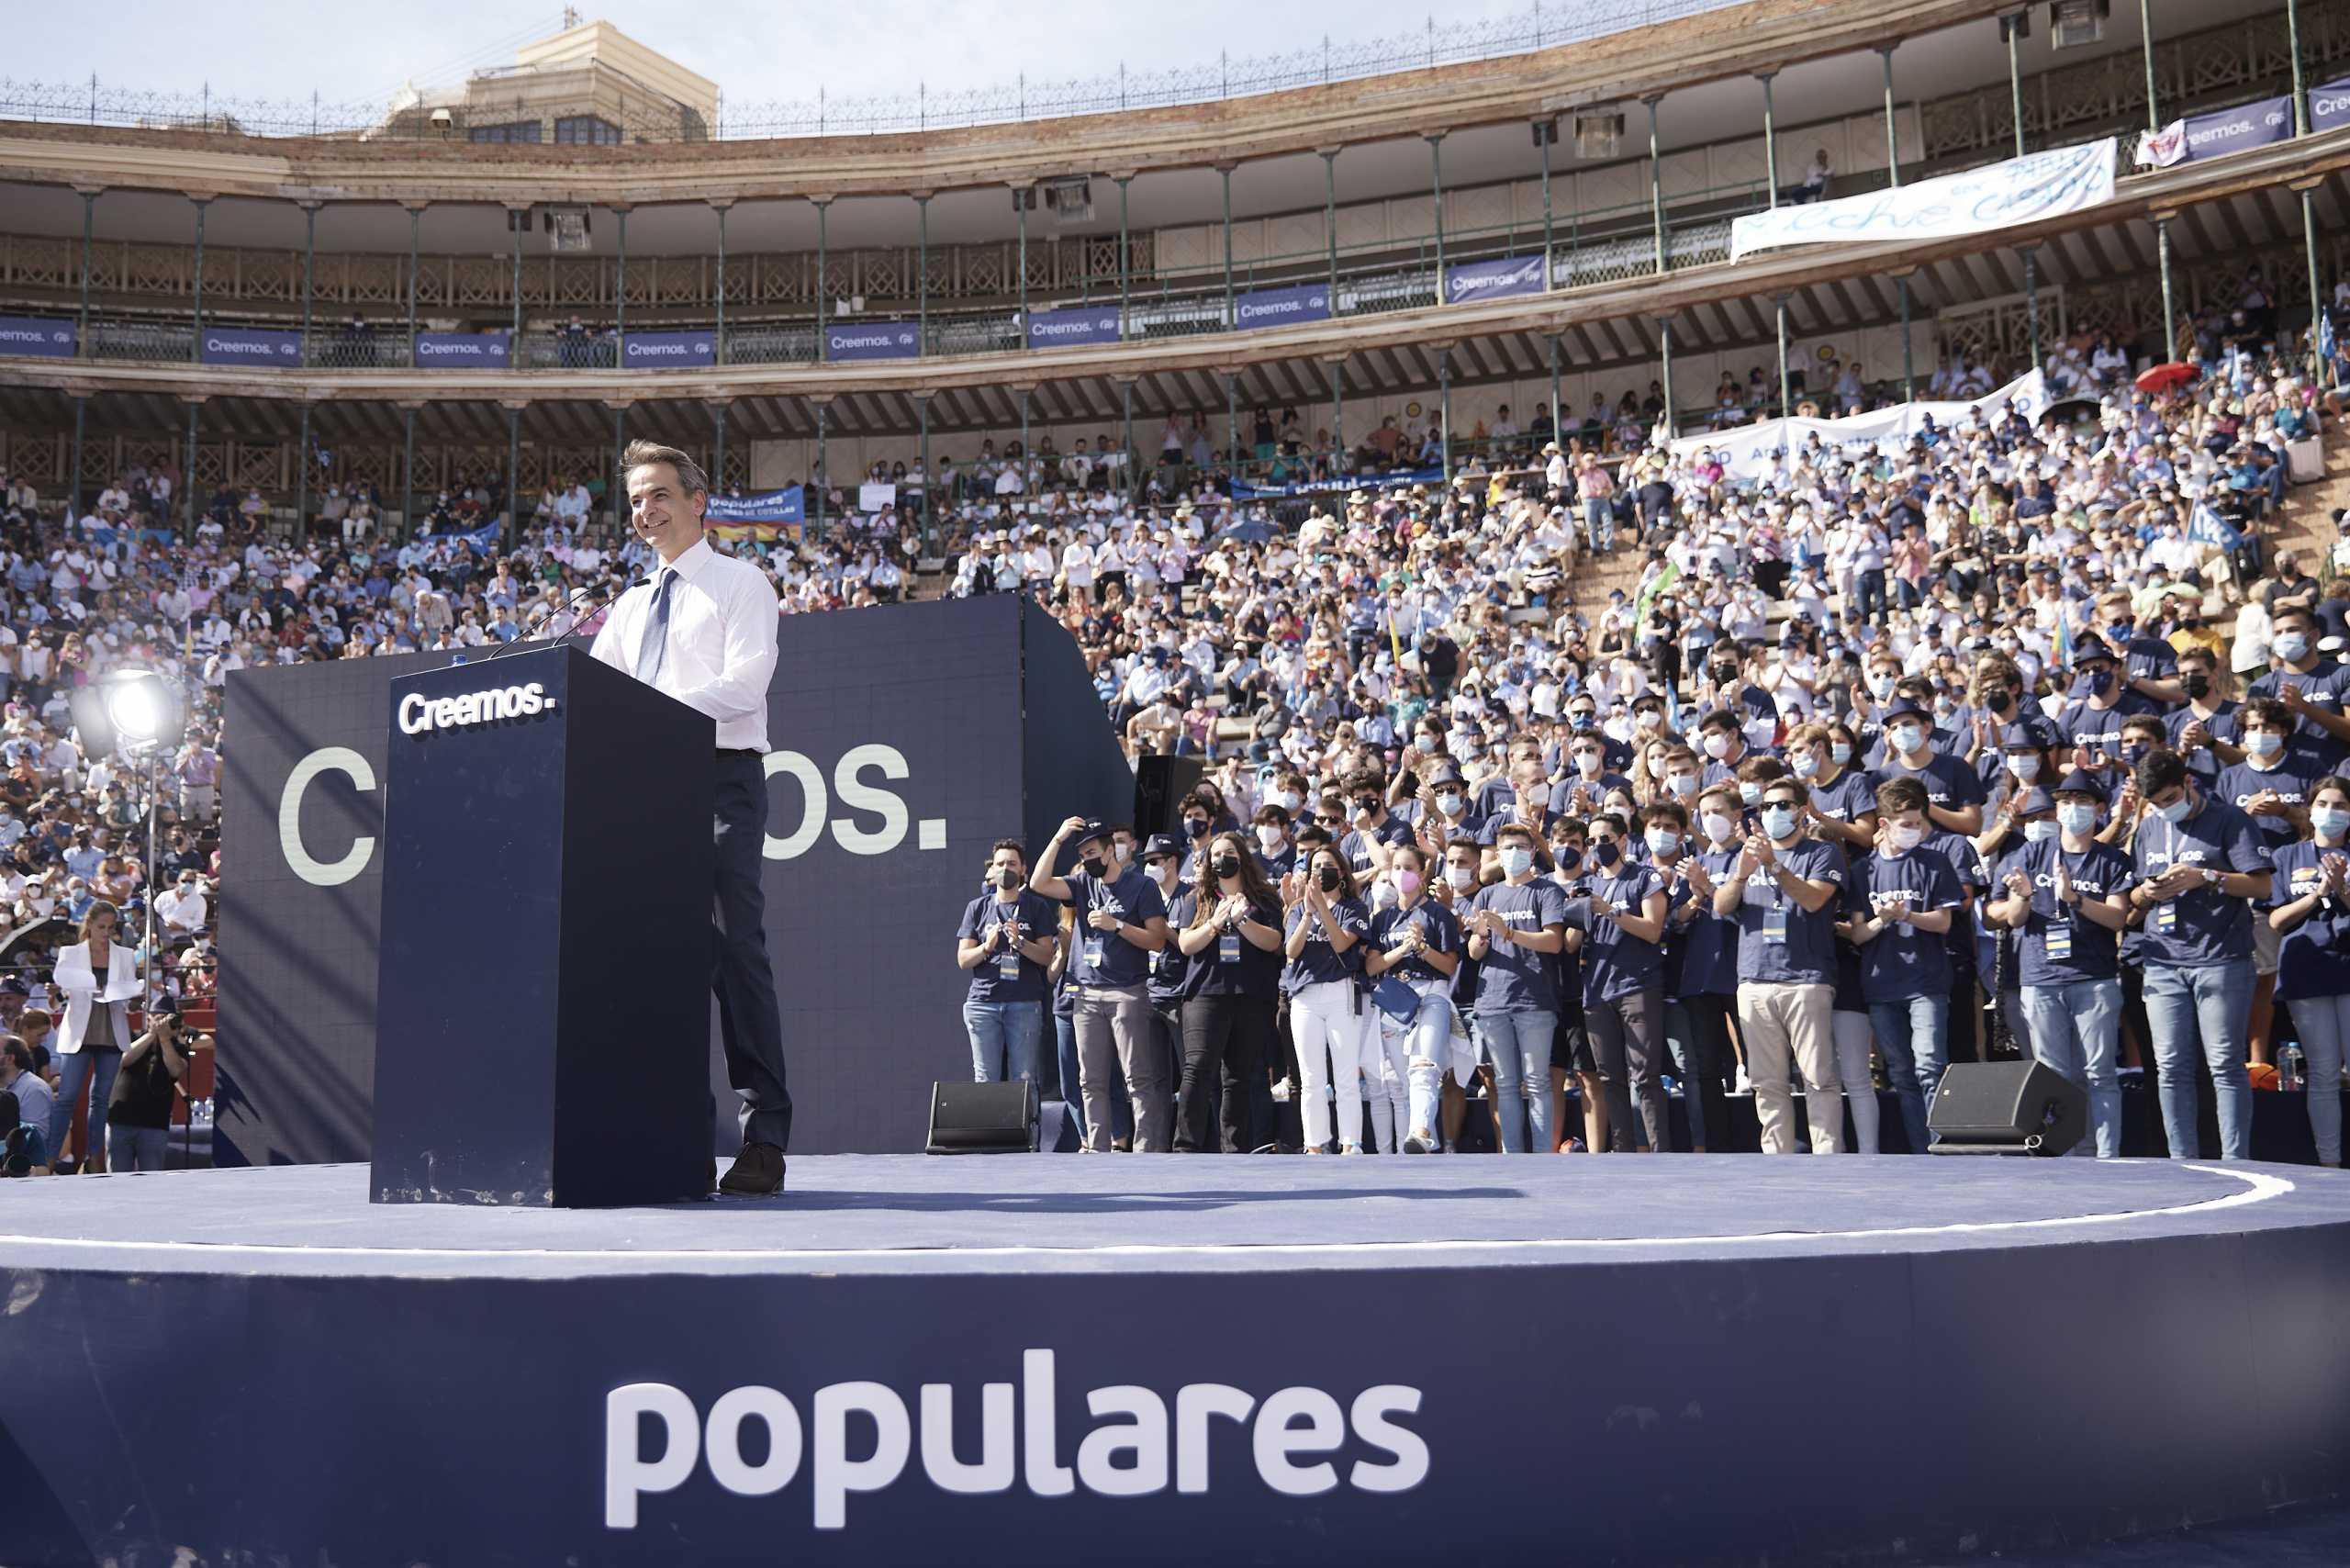 Κυριάκος Μητσοτάκης στο Λαϊκό Κόμμα Ισπανίας: Στη χώρα μας ηττήθηκαν οι αντίστοιχοι Podemos